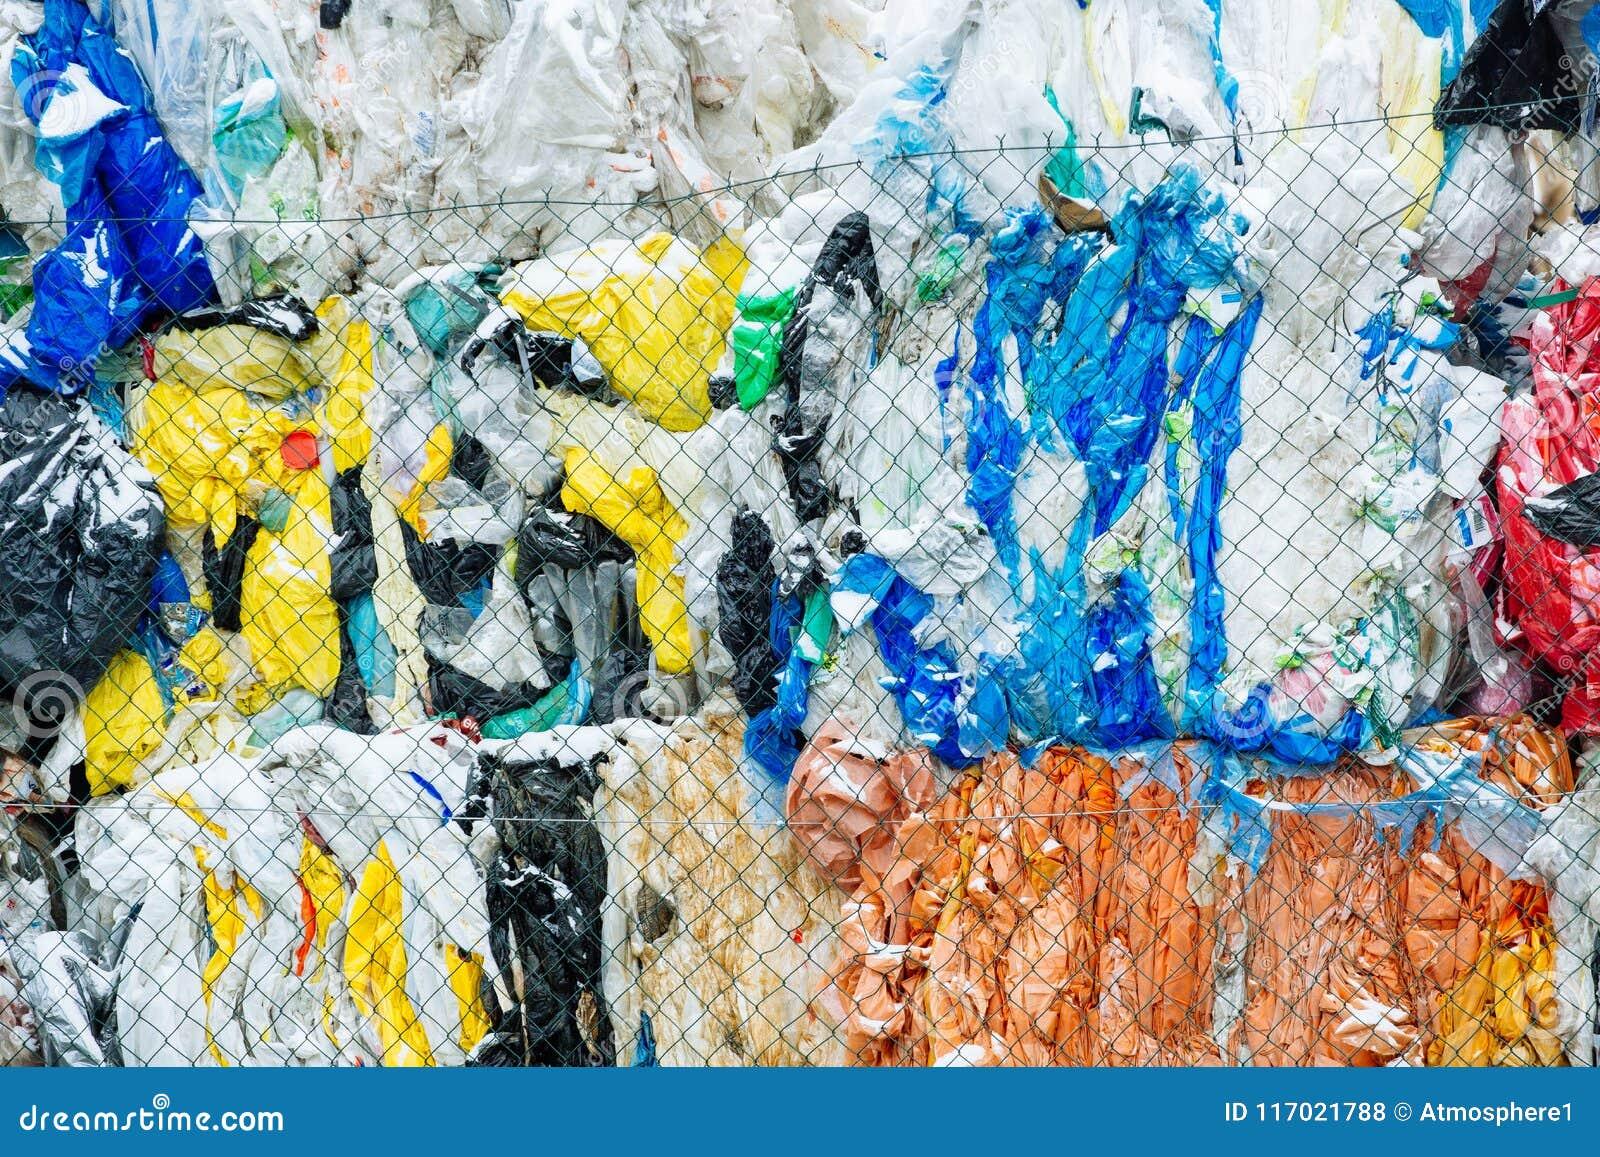 Pakken en Voorraden van Verpakt Schrootplastiek Specifiek voor Eco Recy